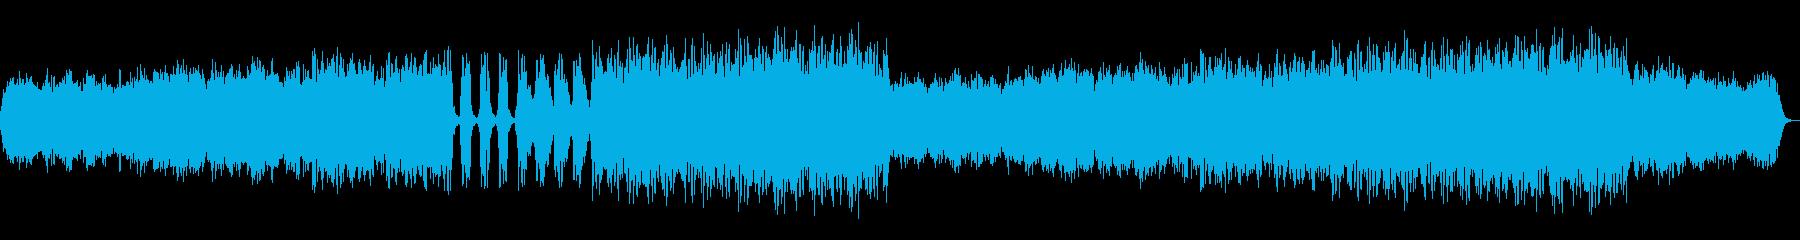 神秘的で切なく、かっこいいコーラス入音楽の再生済みの波形